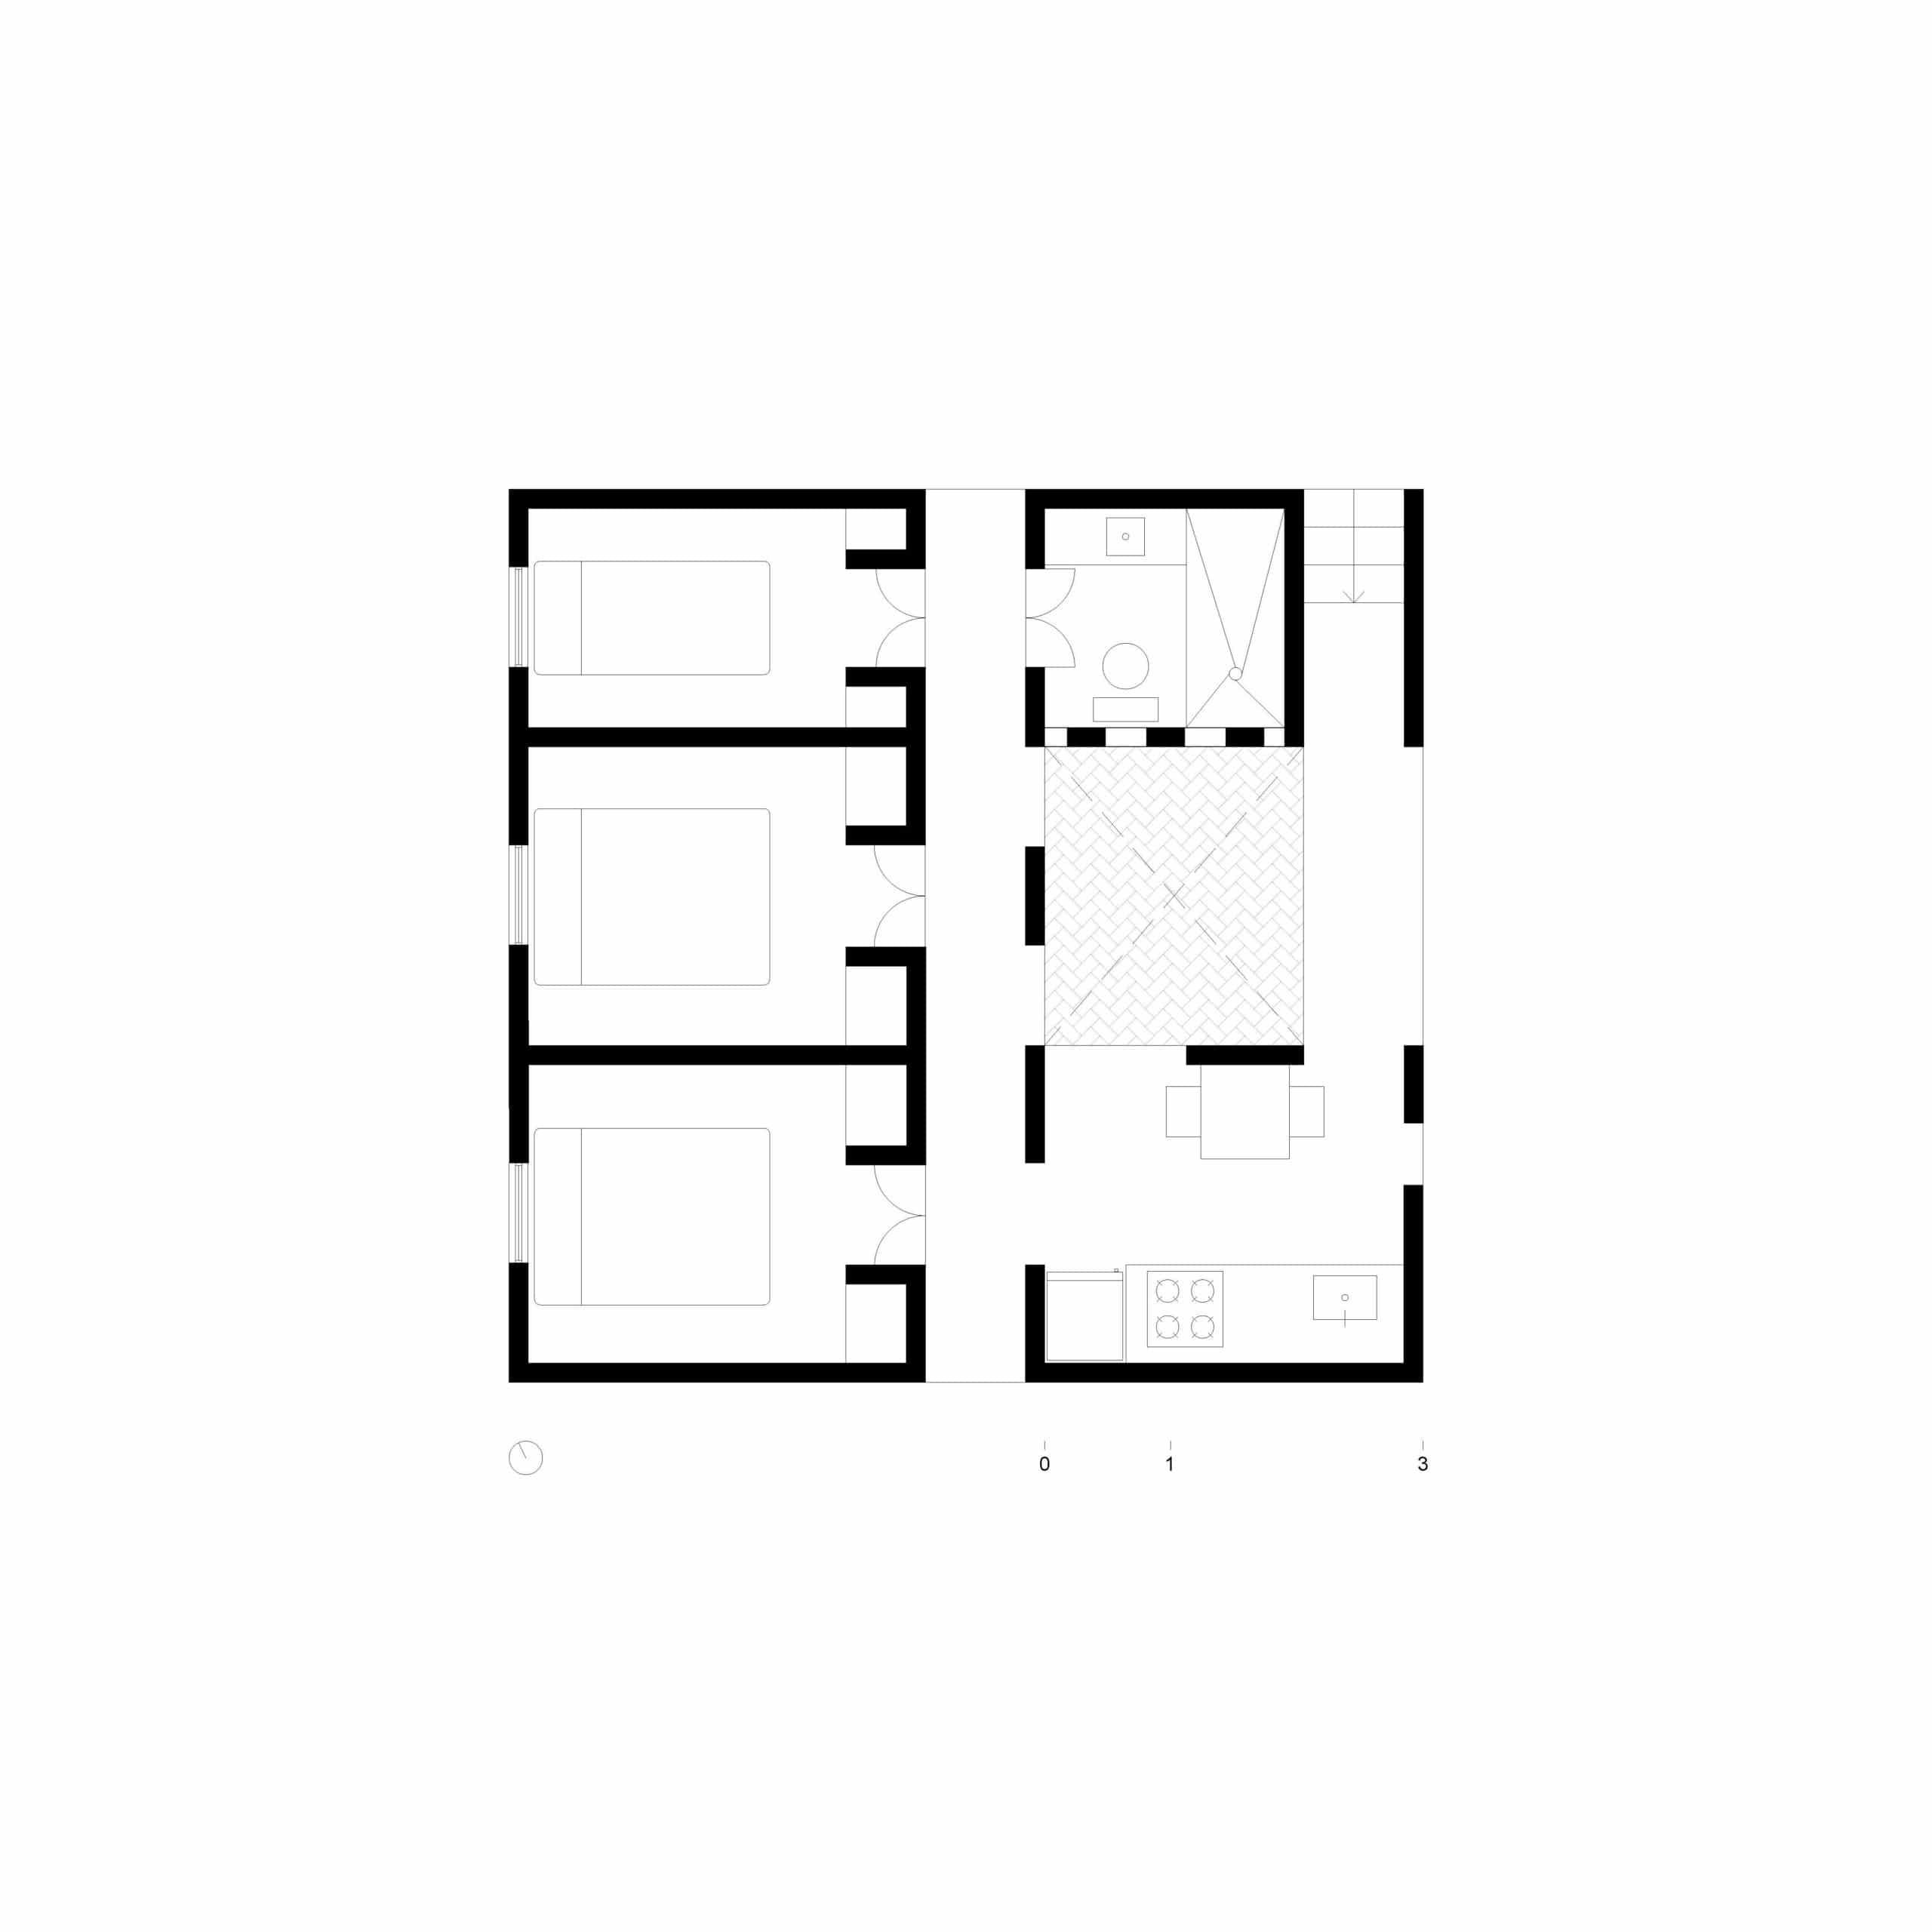 House for Axel  - casa para axel planta scaled 57